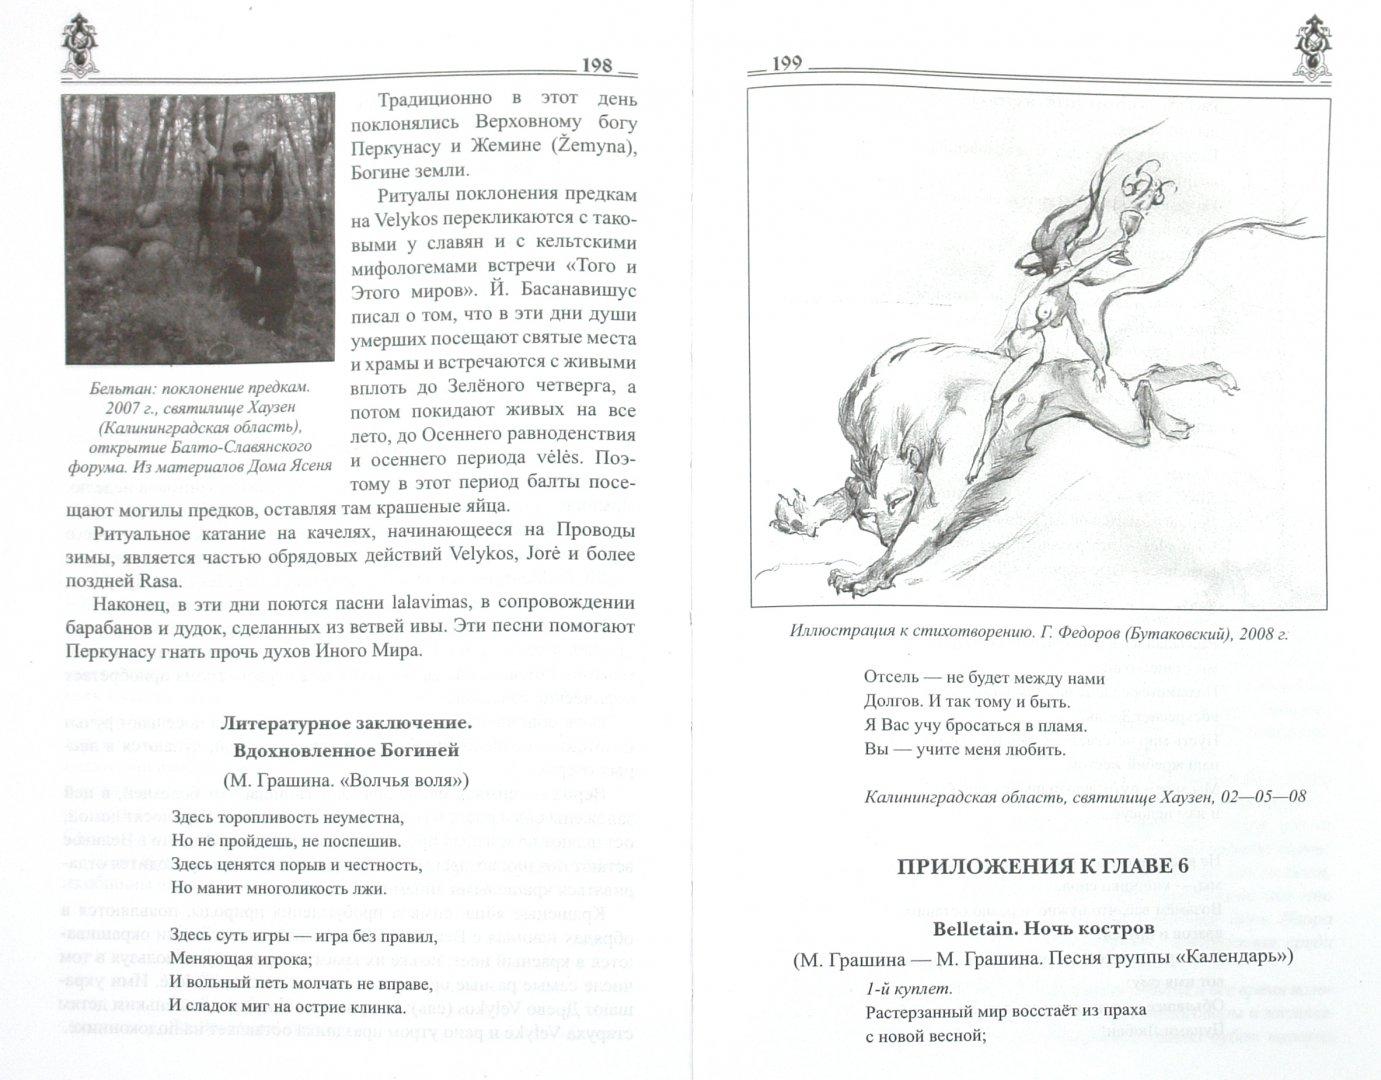 Иллюстрация 1 из 29 для Языческий календарь. Миф, обряд, образ - Грашина, Васильев | Лабиринт - книги. Источник: Лабиринт